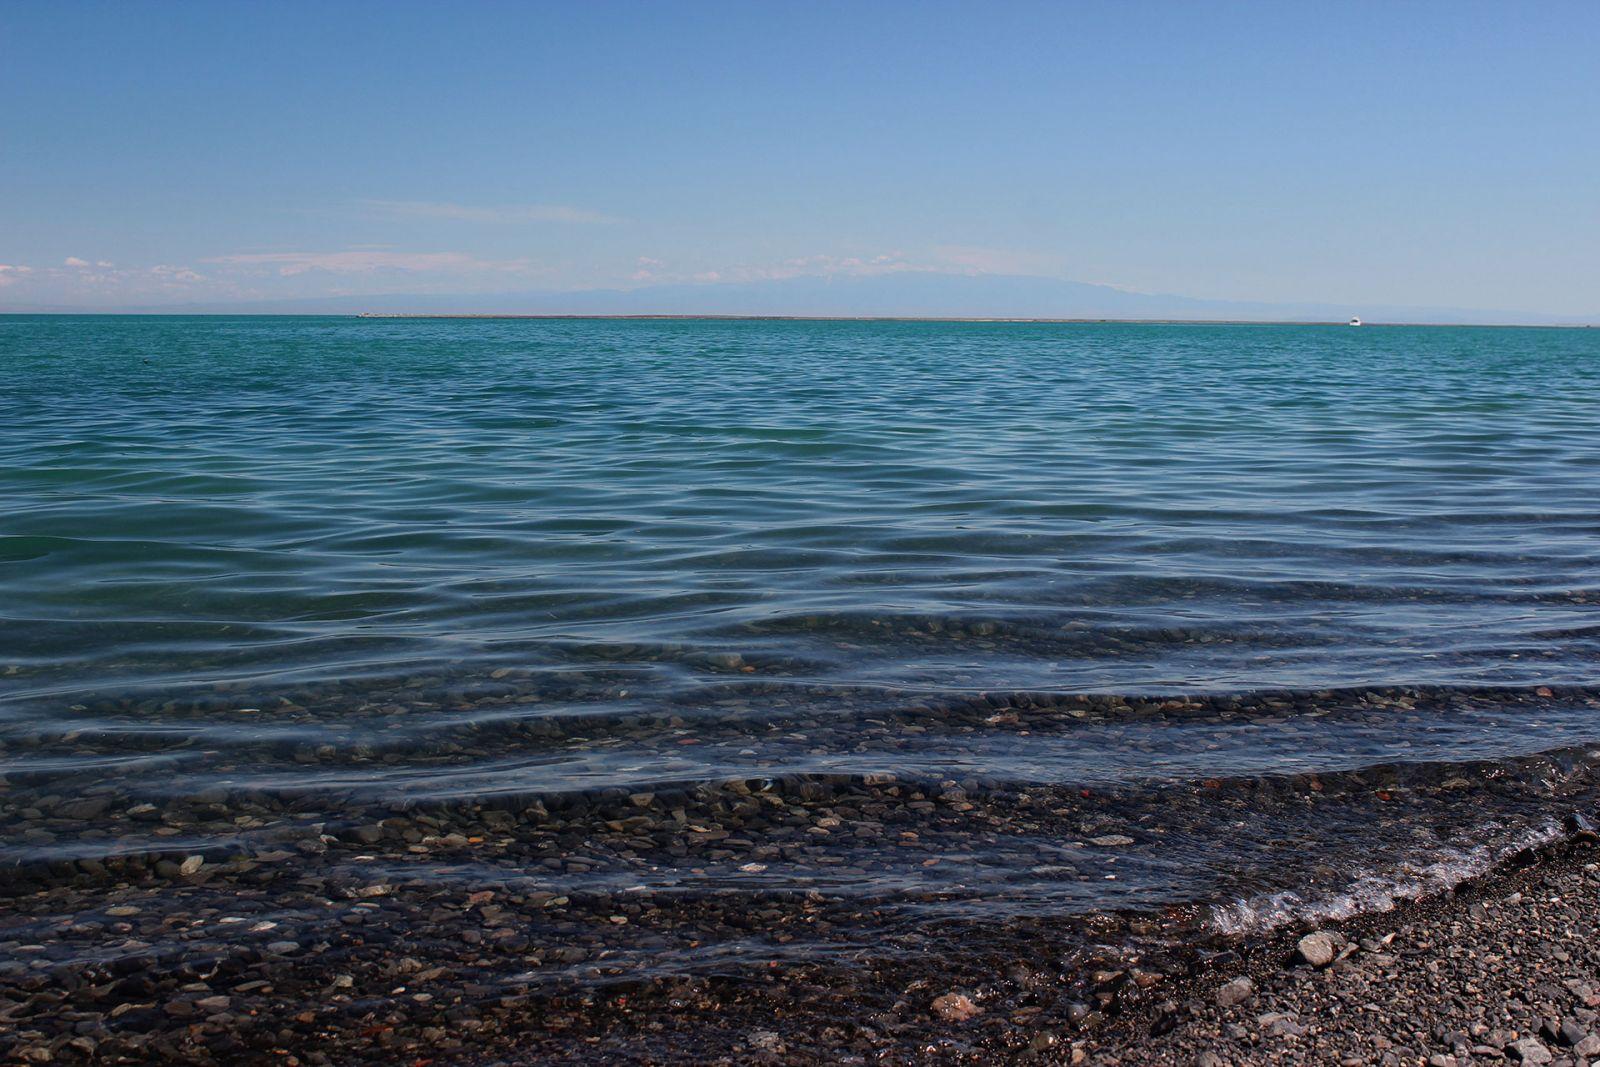 алаколь пляж фото